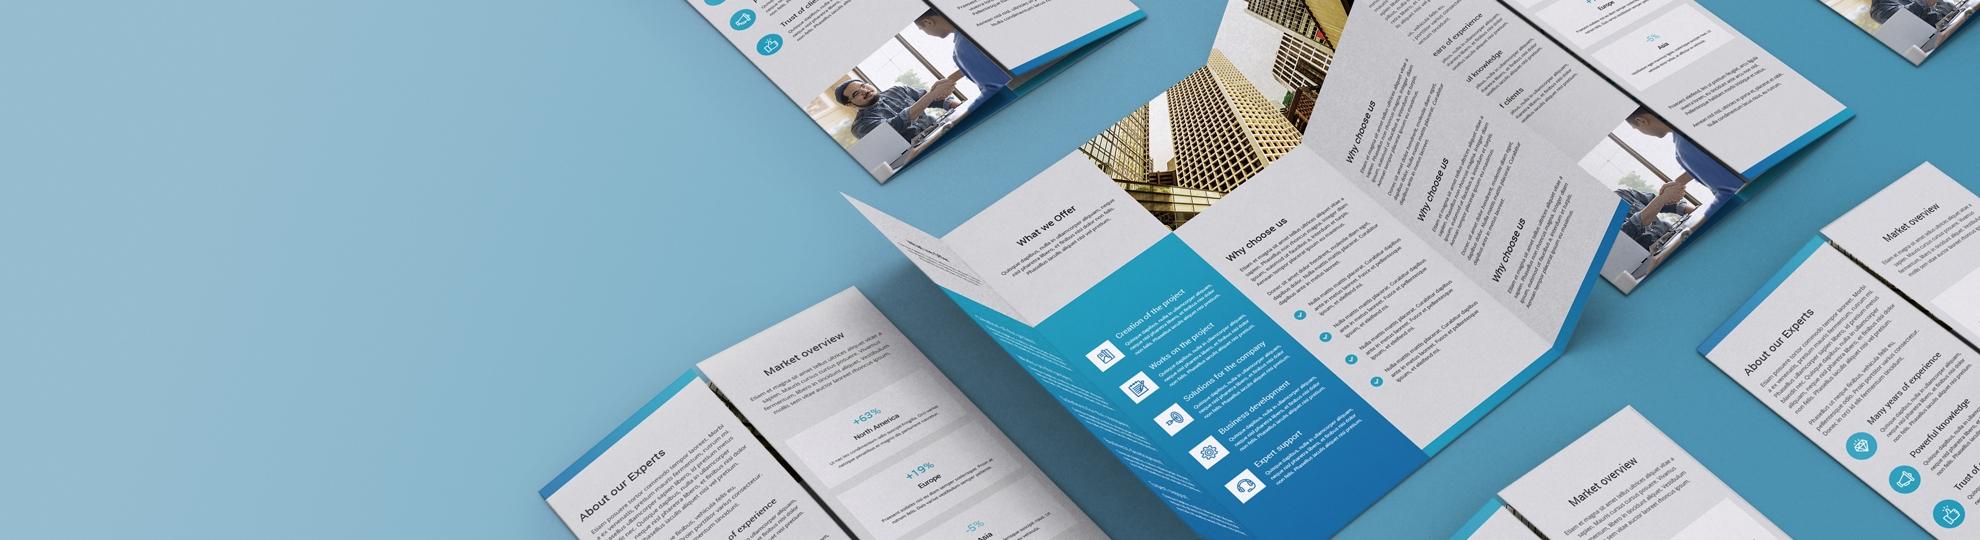 Imprimer vos dépliants publicitaires plis spéciaux fenêtre 3 volets, 2 plis